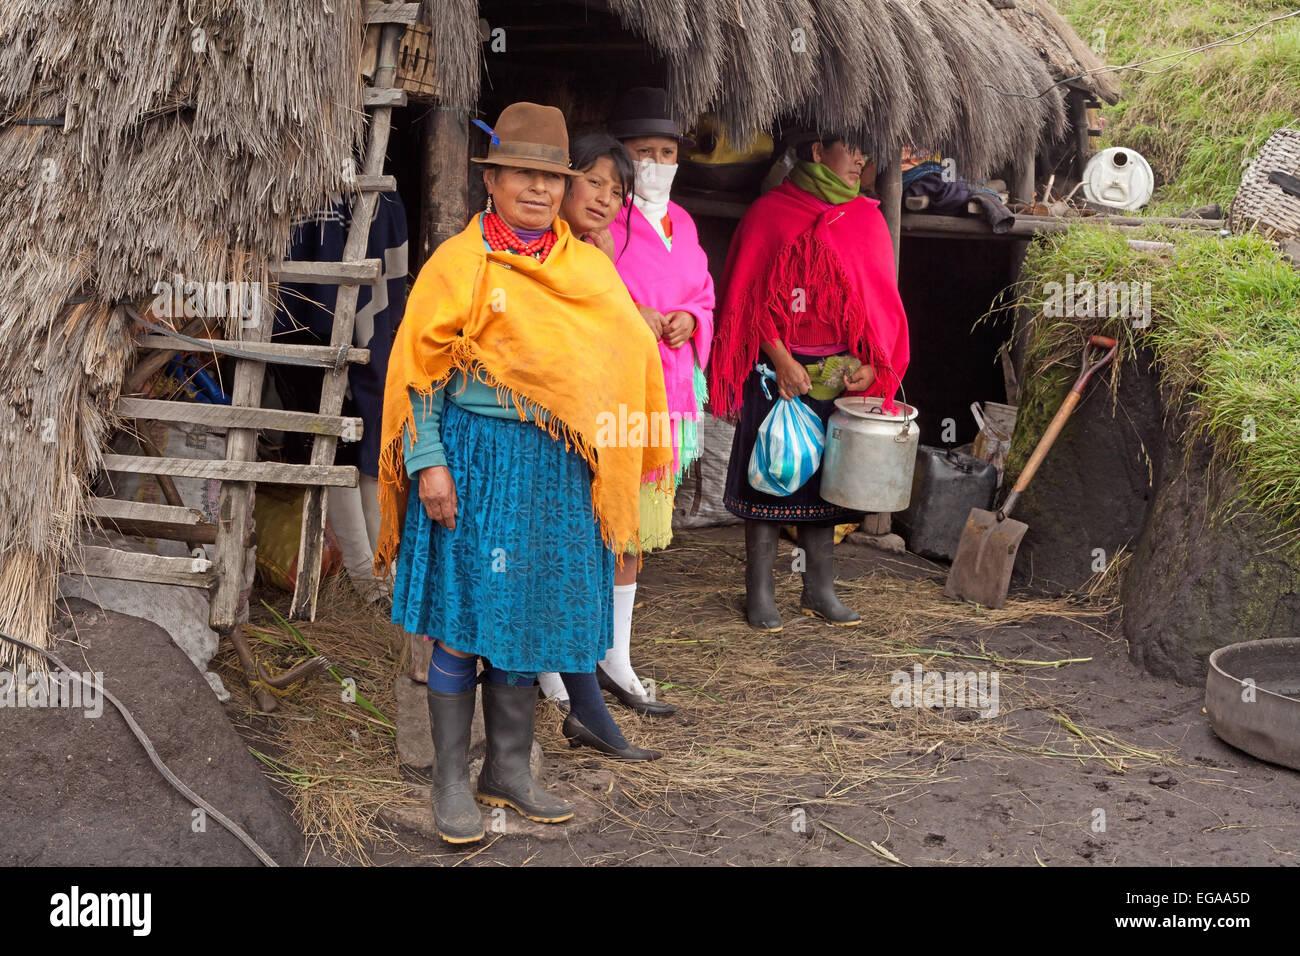 Famiglia indigena Quilotoa provincia di Cotopaxi Ecuador Immagini Stock